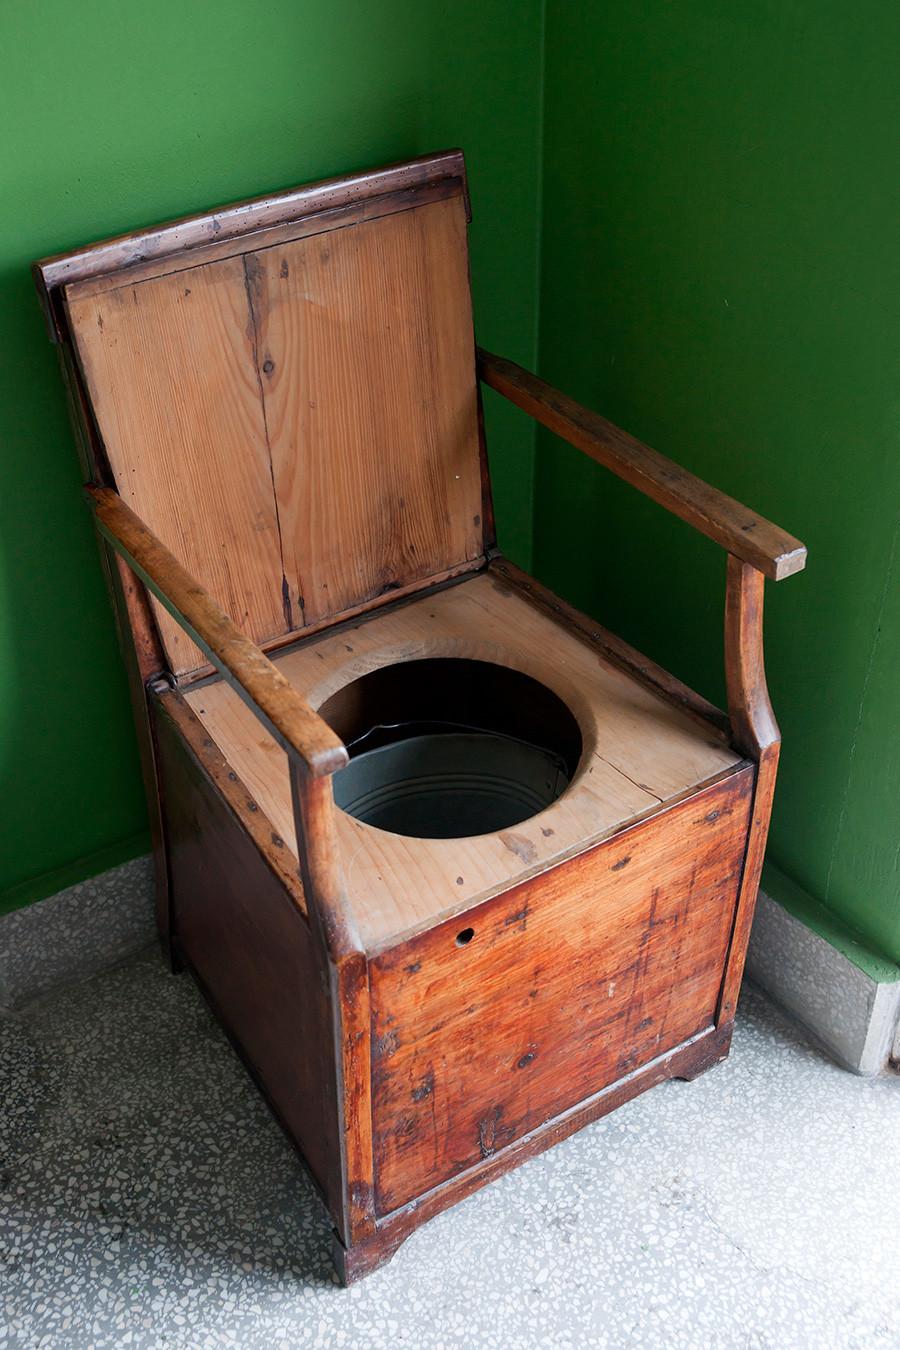 Banheiro antigo de cadeira com bacia.